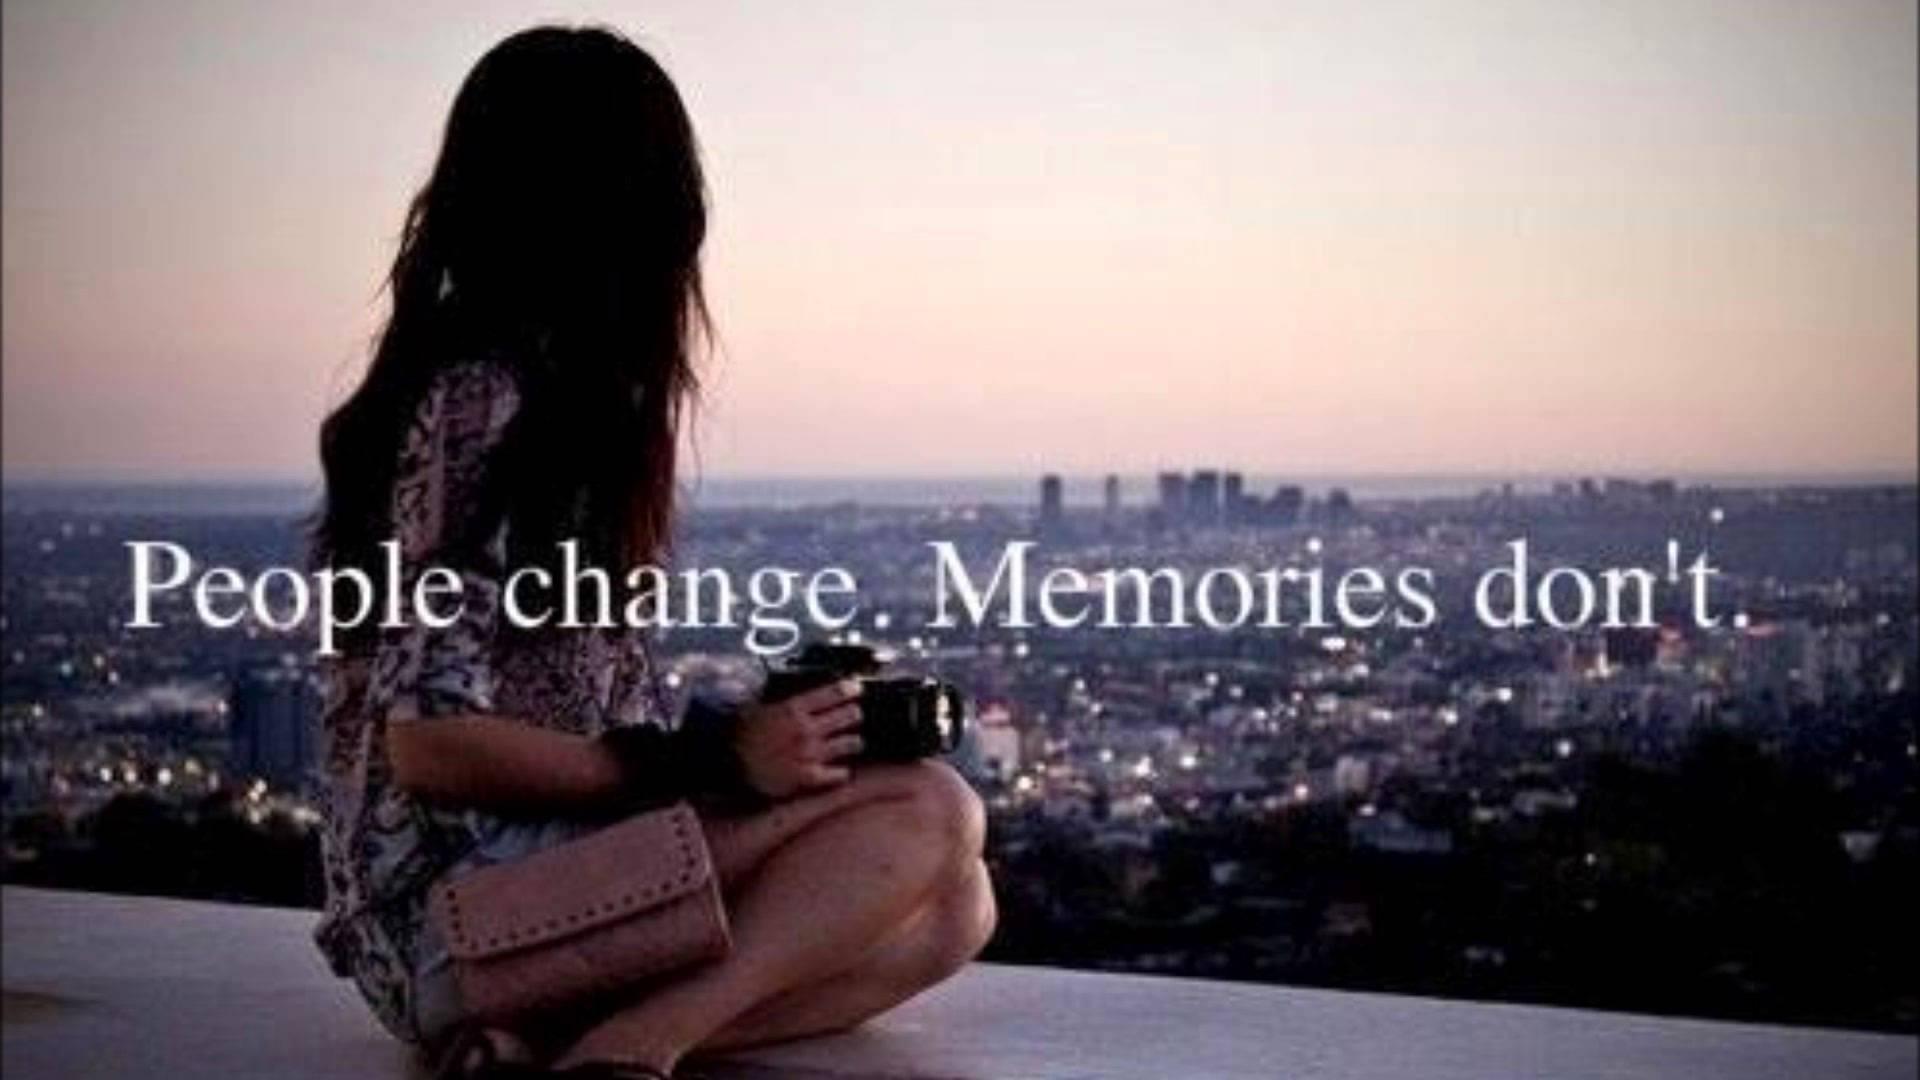 Tháng 6 về, anh còn nhớ hay quên?